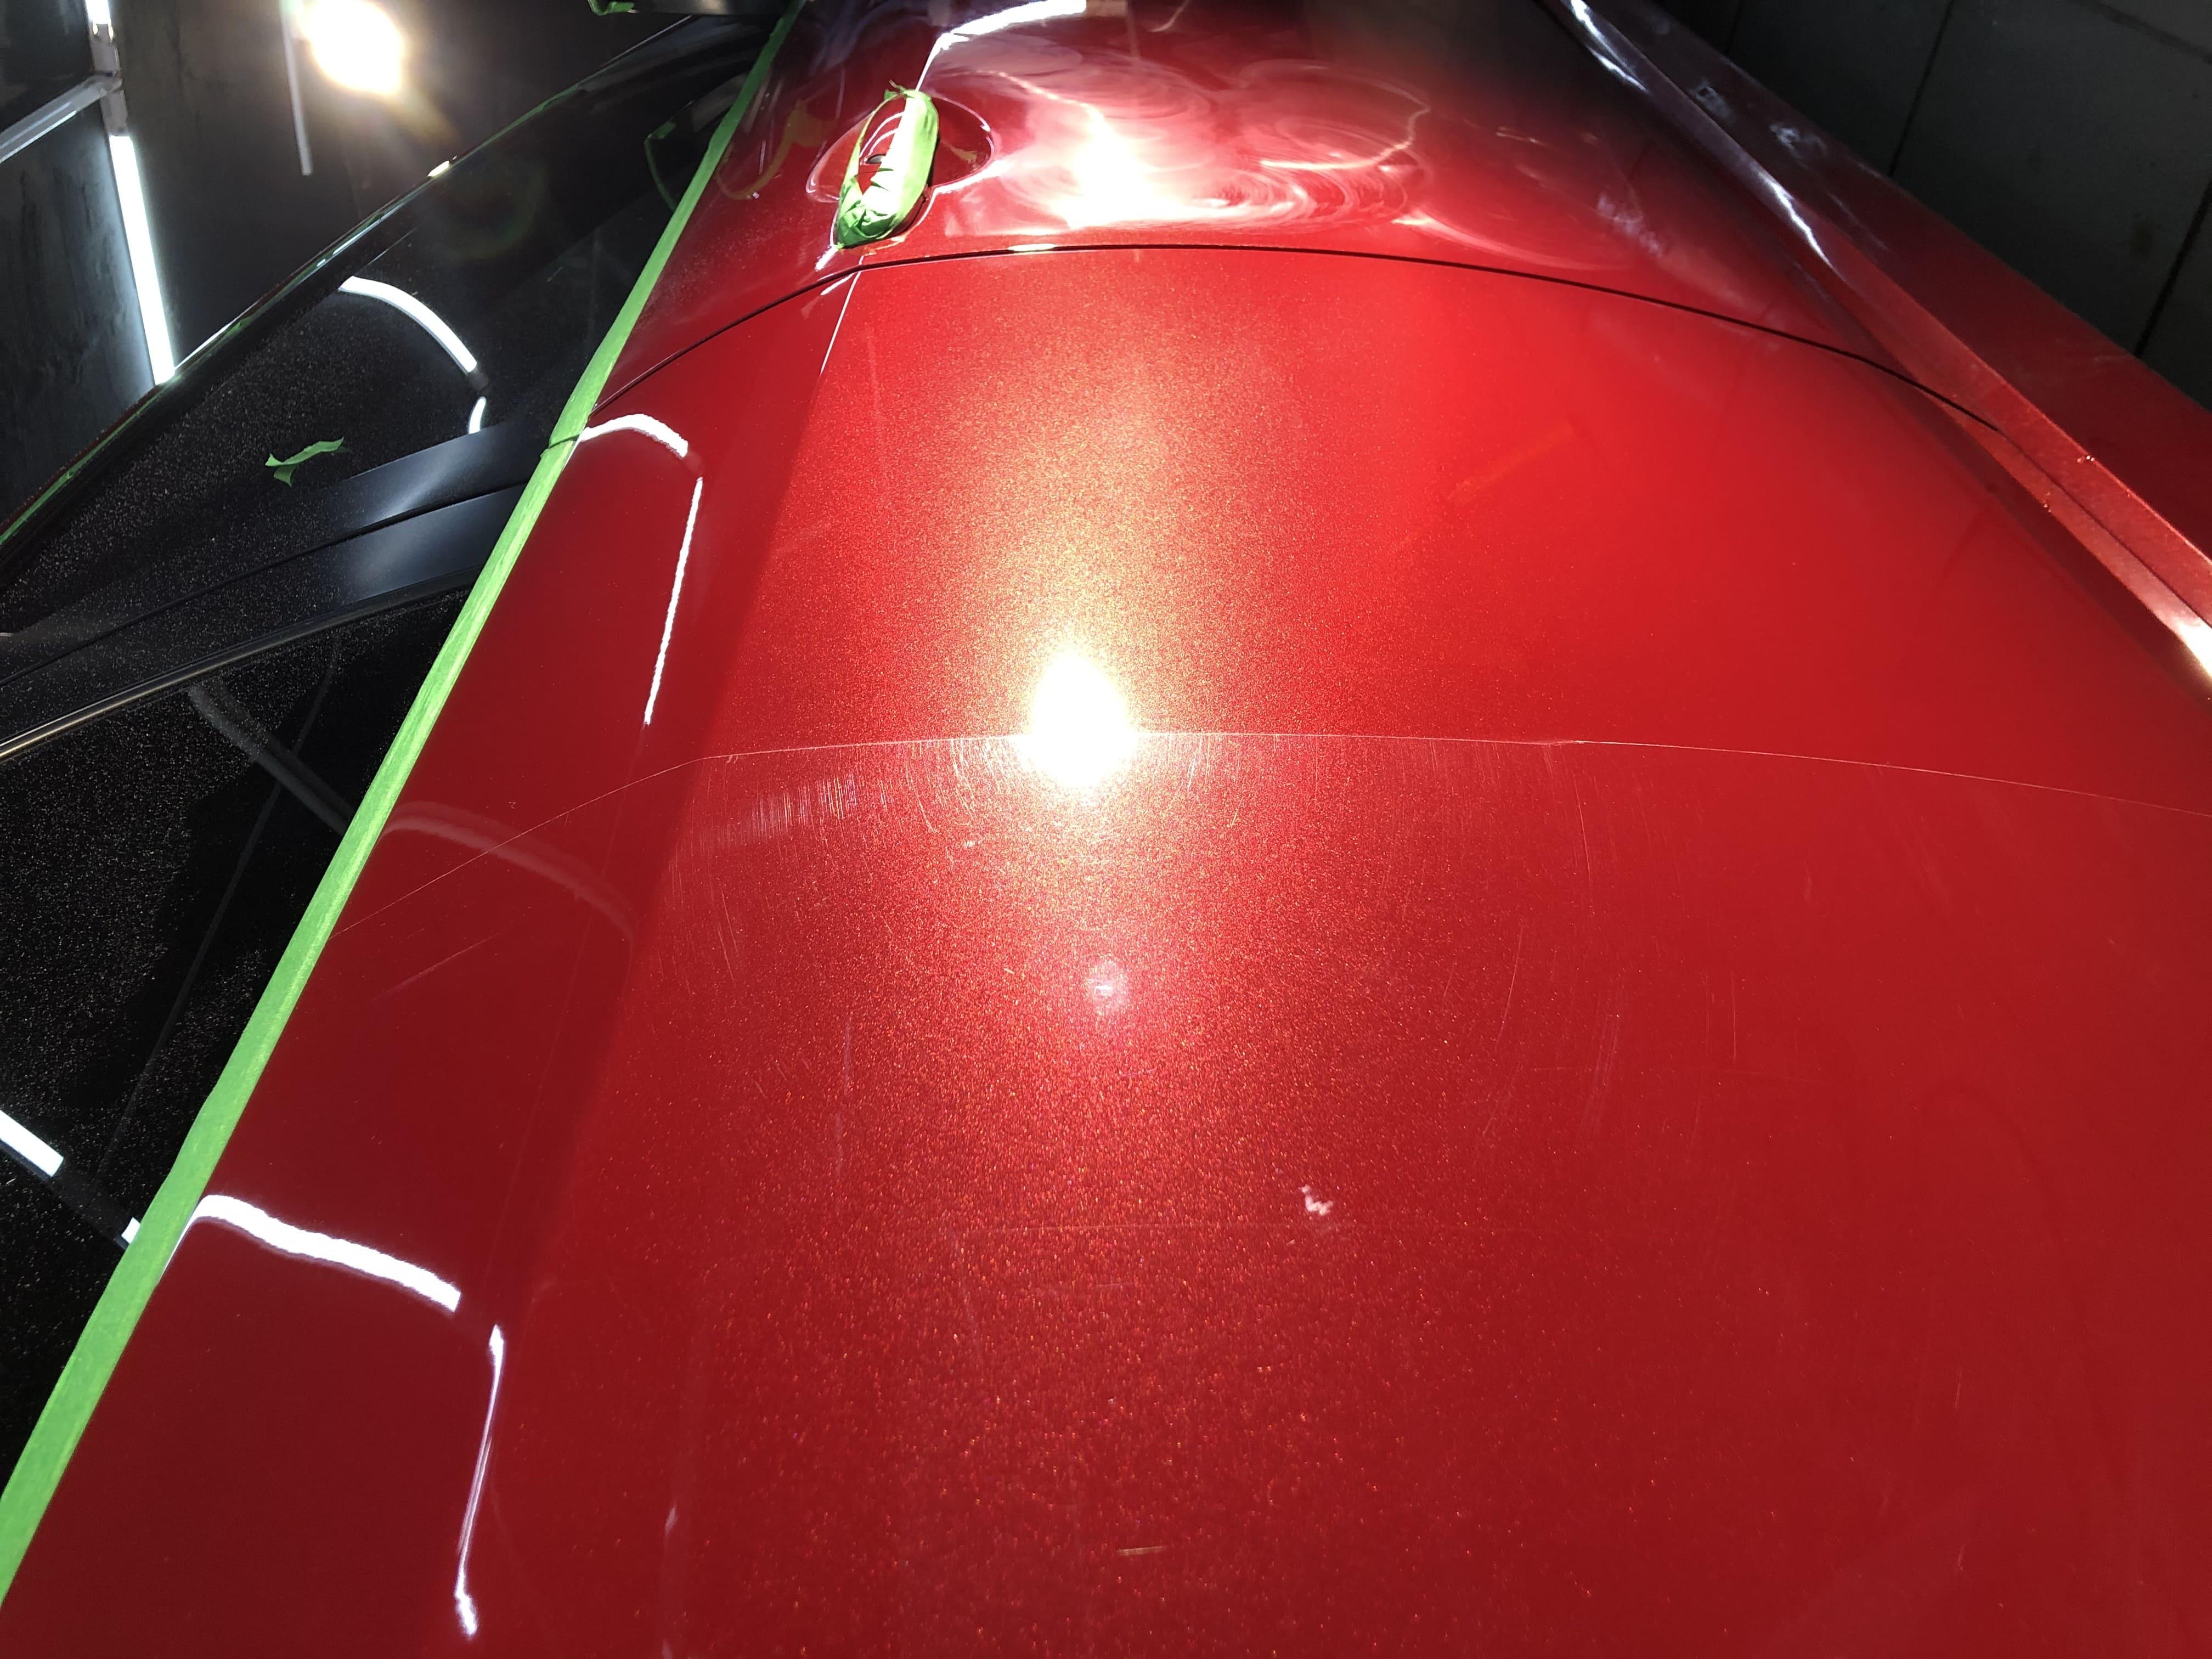 полировка автомобиля премиум класса